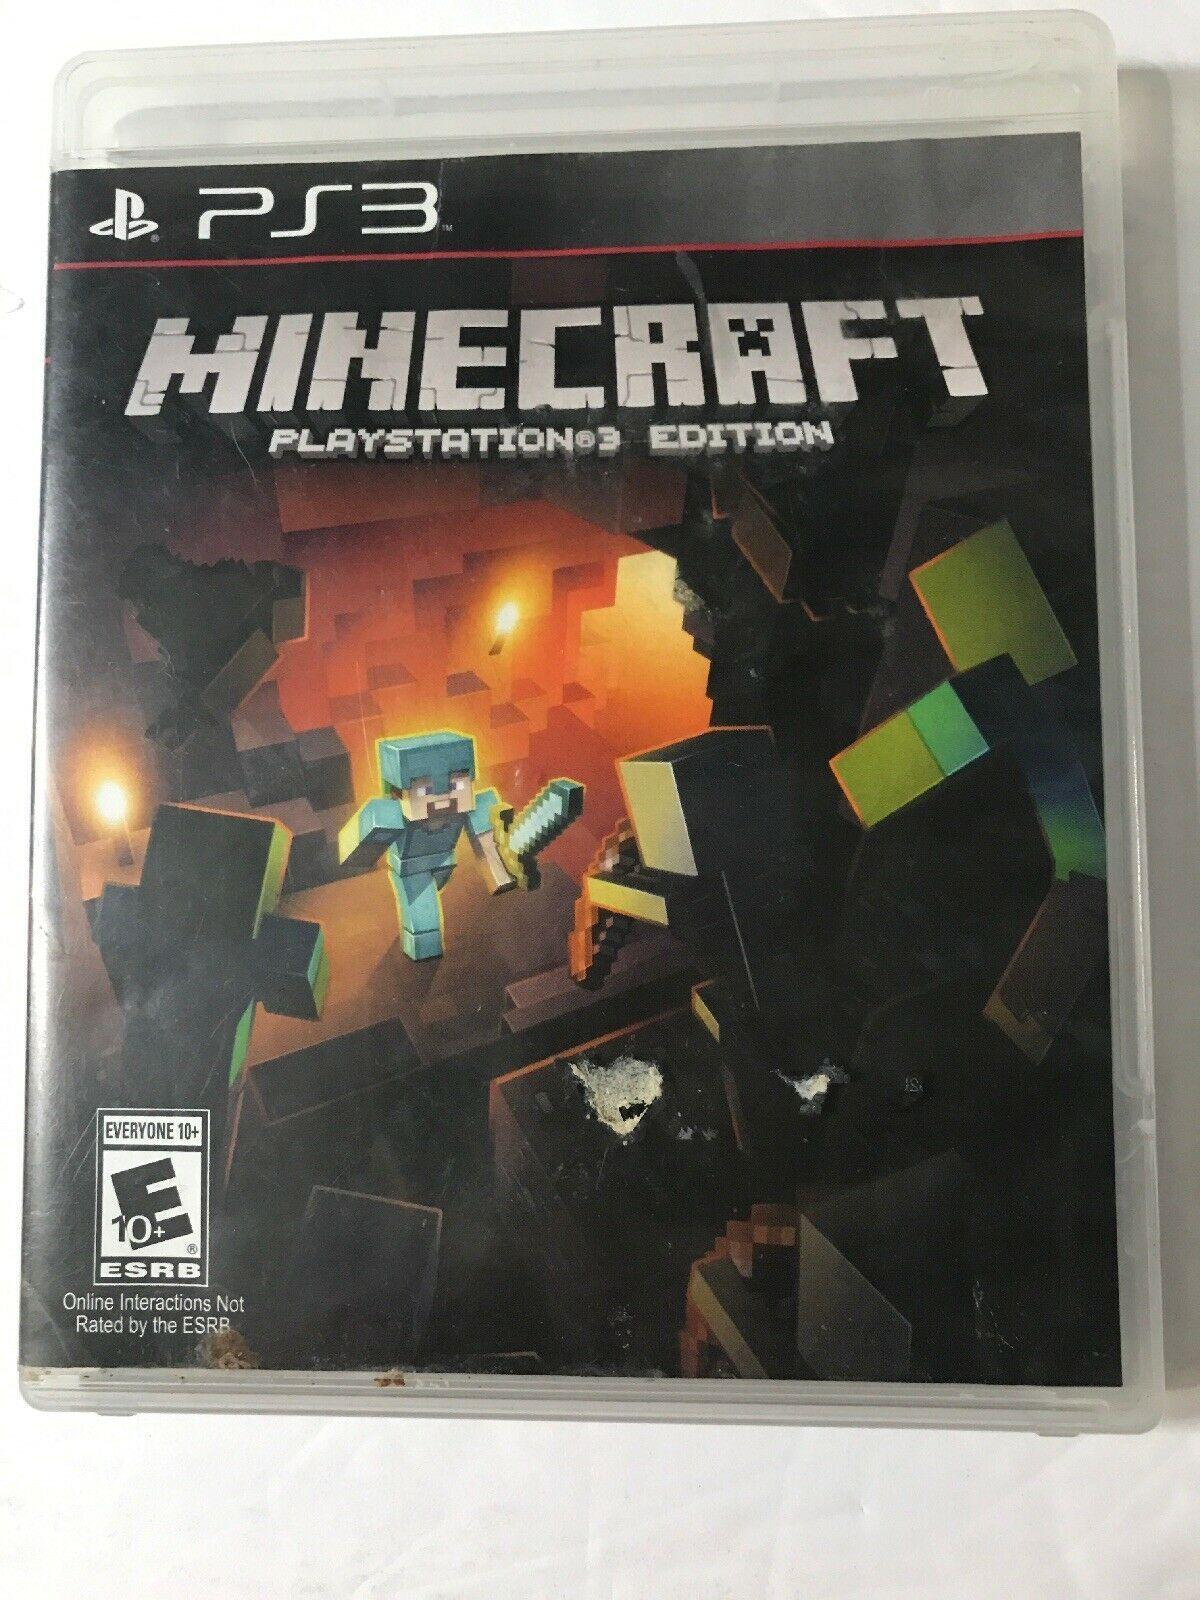 Minecraft Playstation 3 Edition Sony Playstation 3 2014 Ideas Of Minecraft Minecraft In 2020 Playstation Simulation Games Sony Playstation